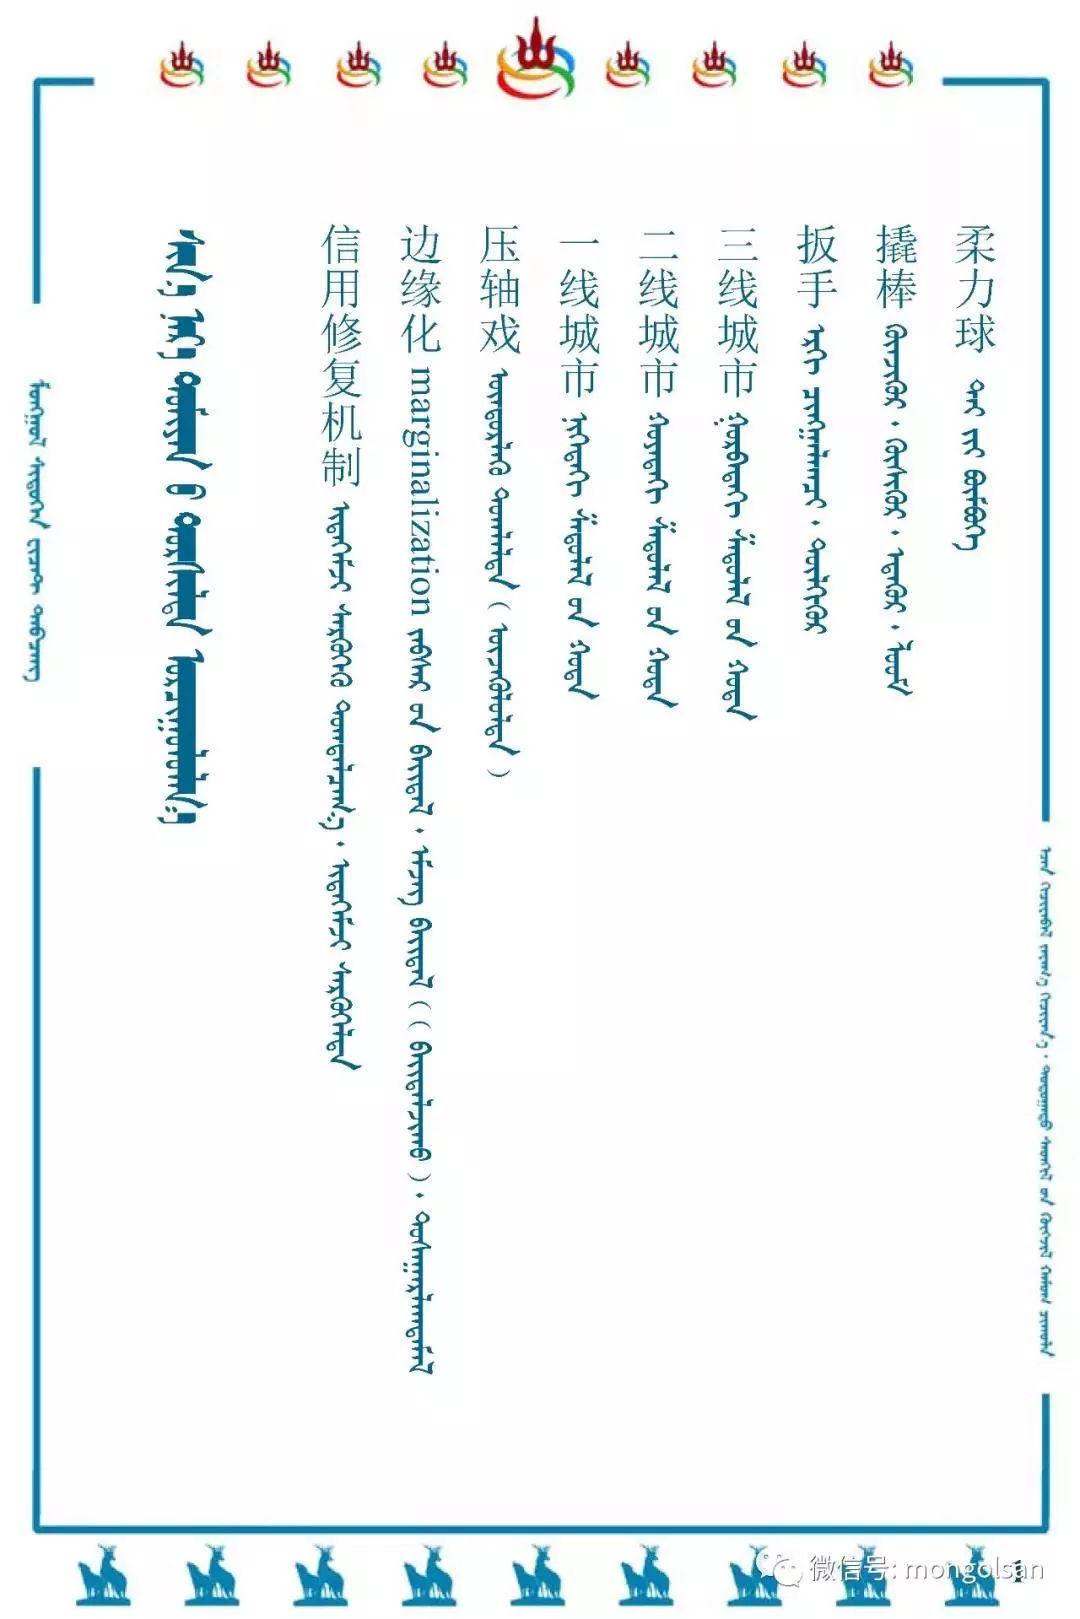 最新名词蒙古语翻译参考